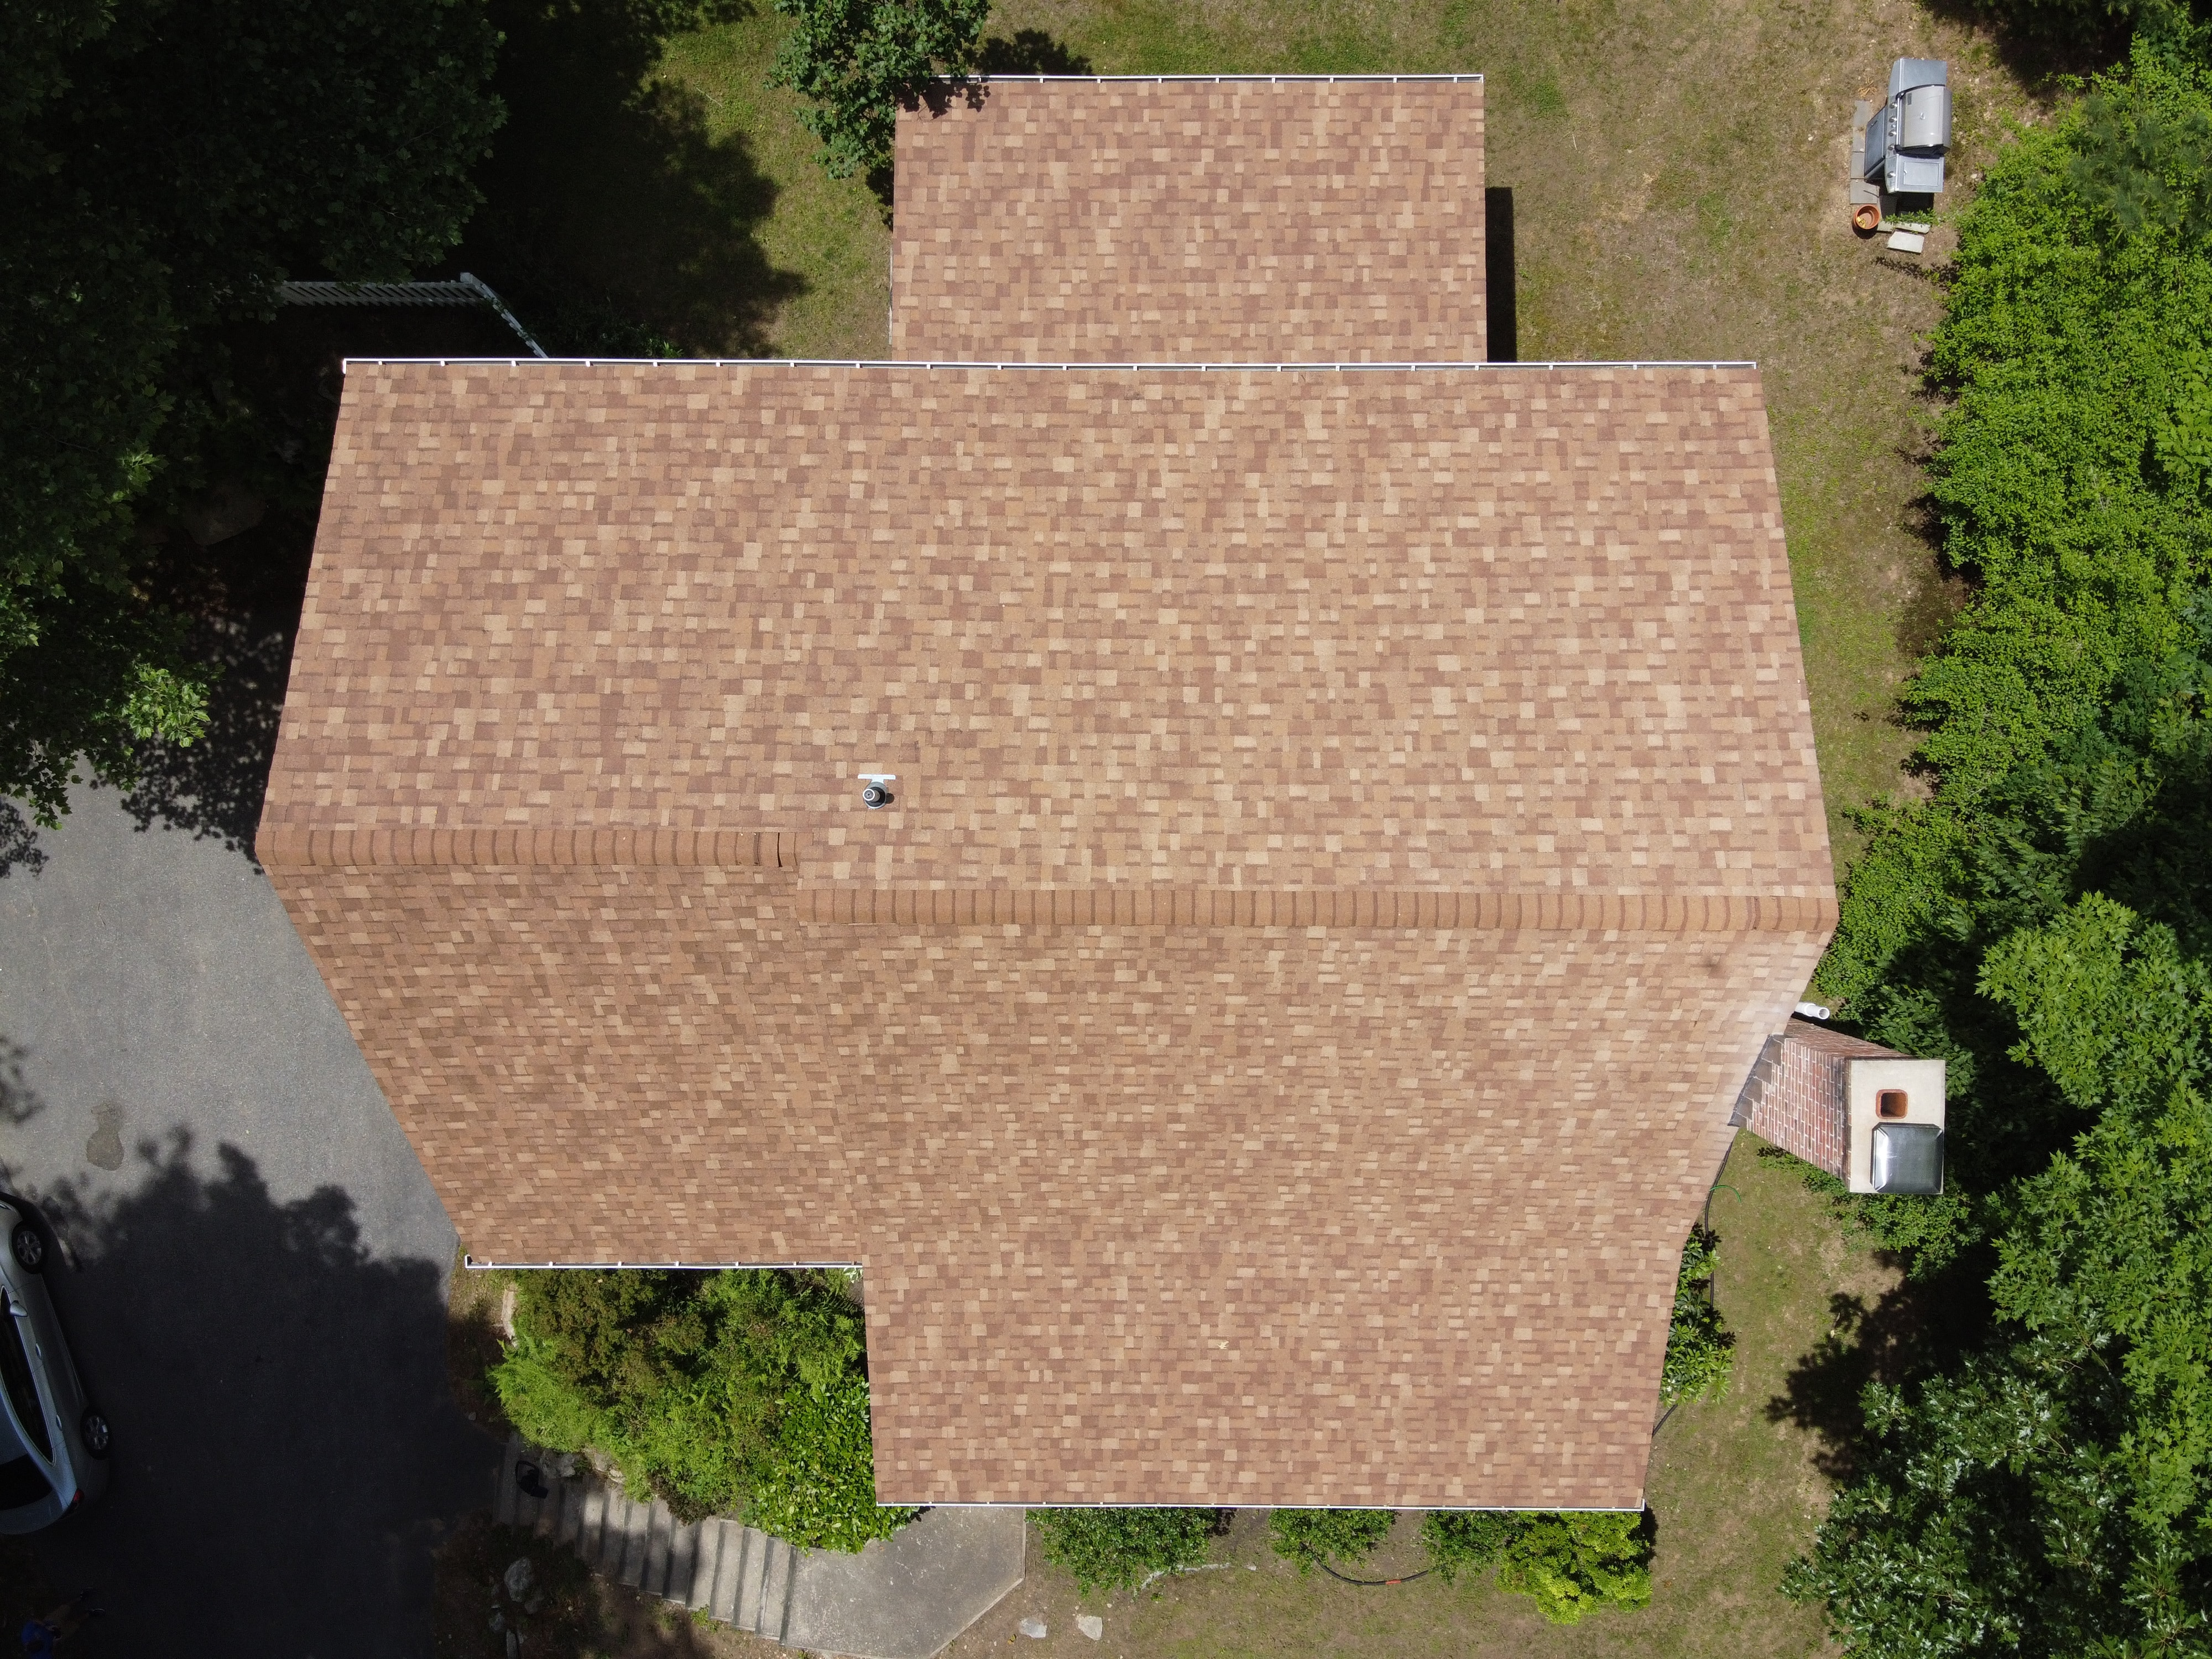 sprague-ct-roofers